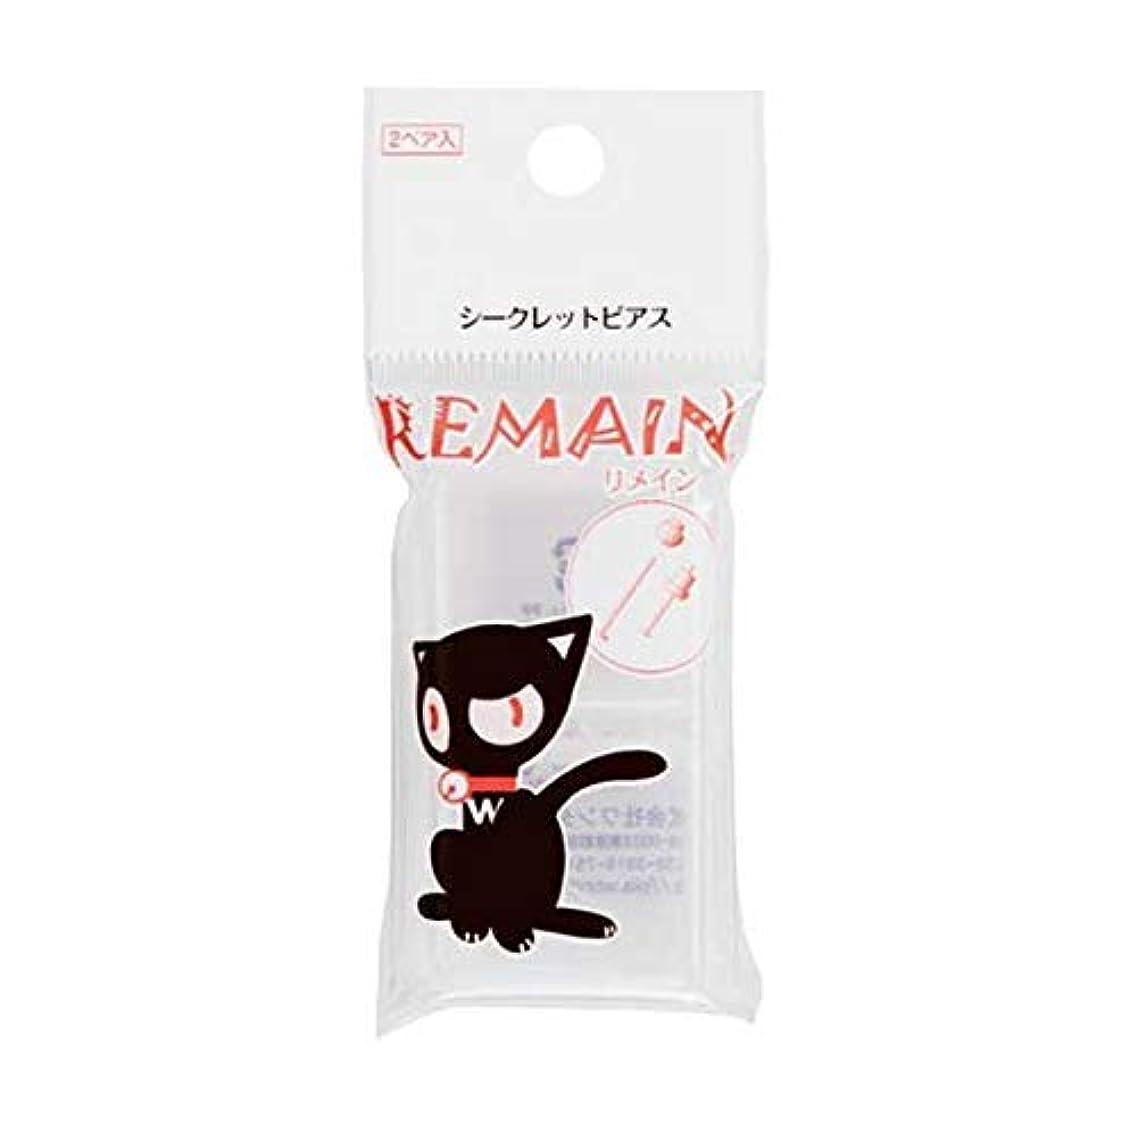 スチュアート島甘やかすお茶リメイン 医療用樹脂製 シークレットピアス 金属アレルギーフリー (20セット)